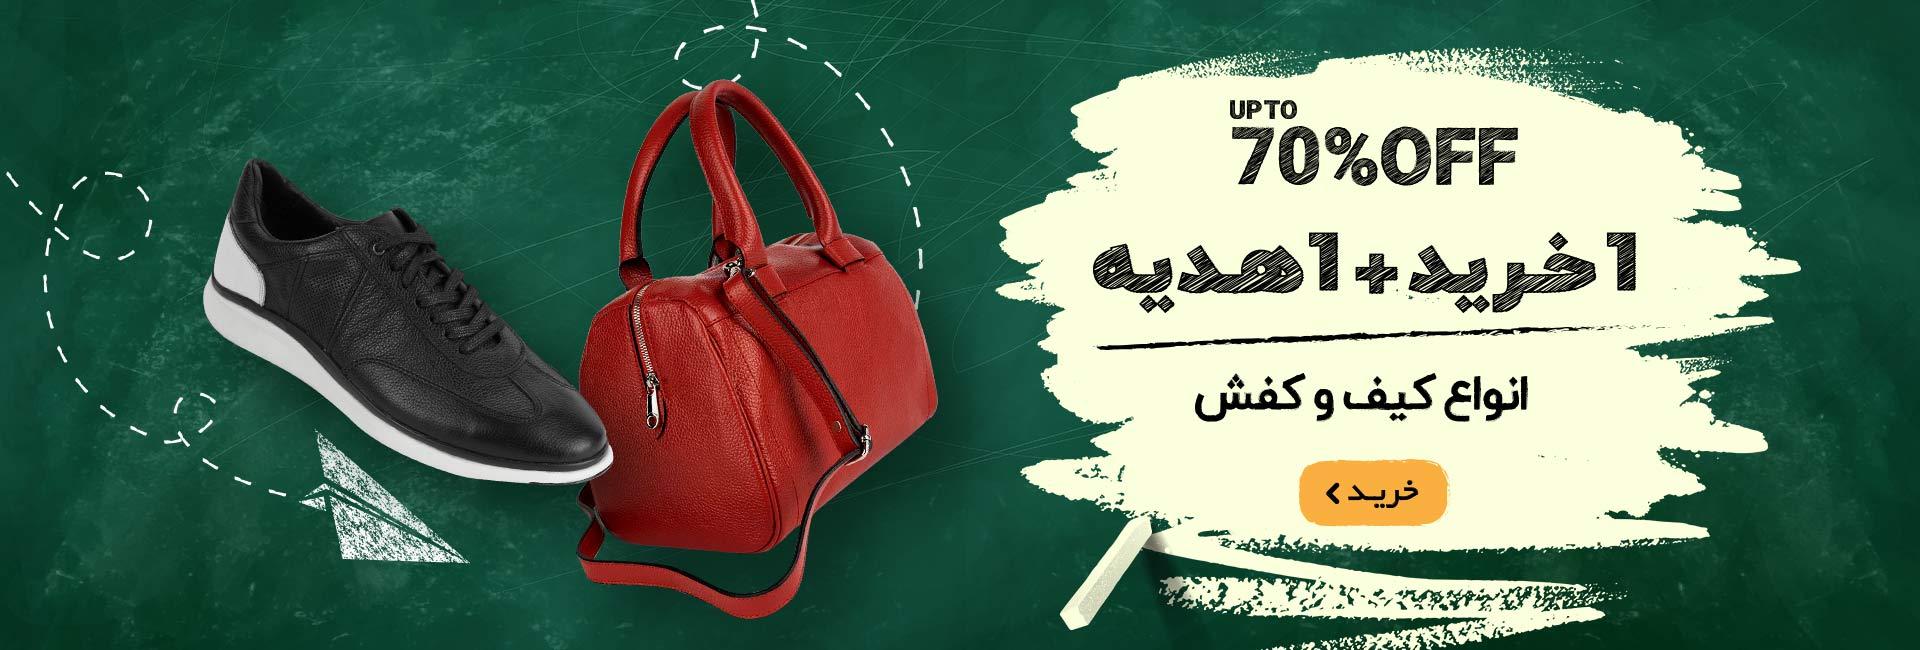 1خرید+1 هدیه ویژه کیف و کفش